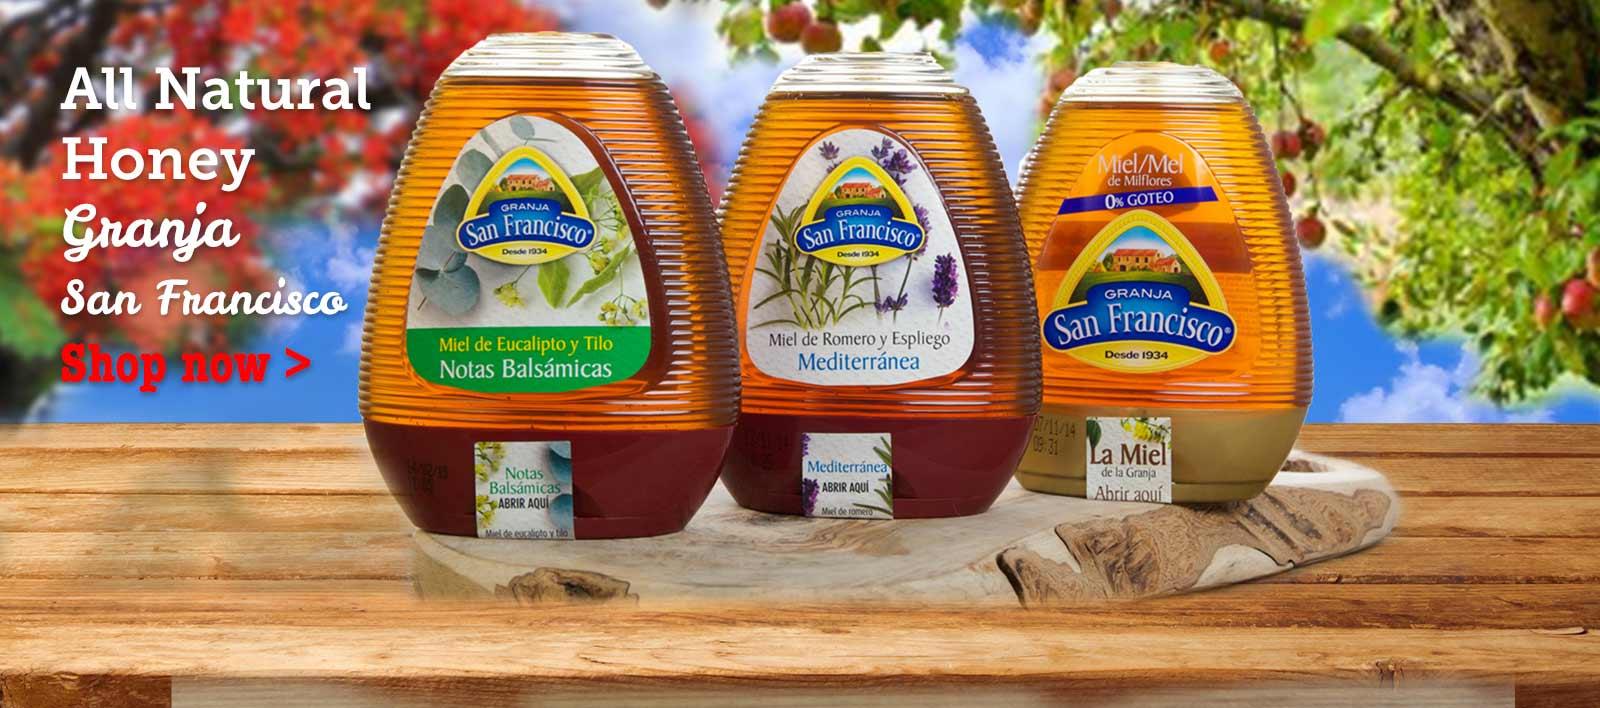 Honey tea from Spain